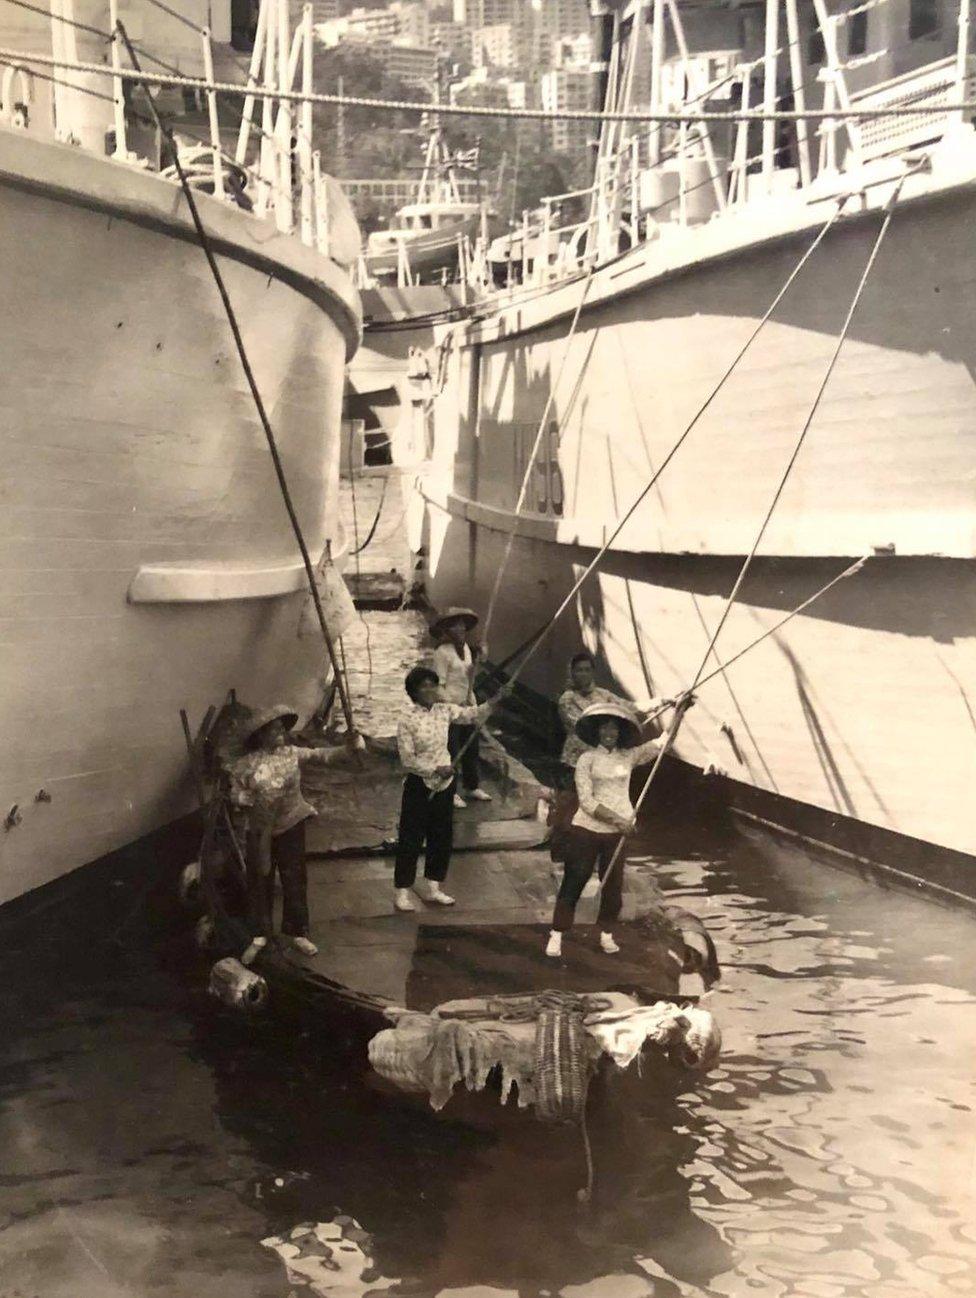 蘇絲女工班成員給停靠香港的兩艘軍艦上油漆(李敏婷提供照片)